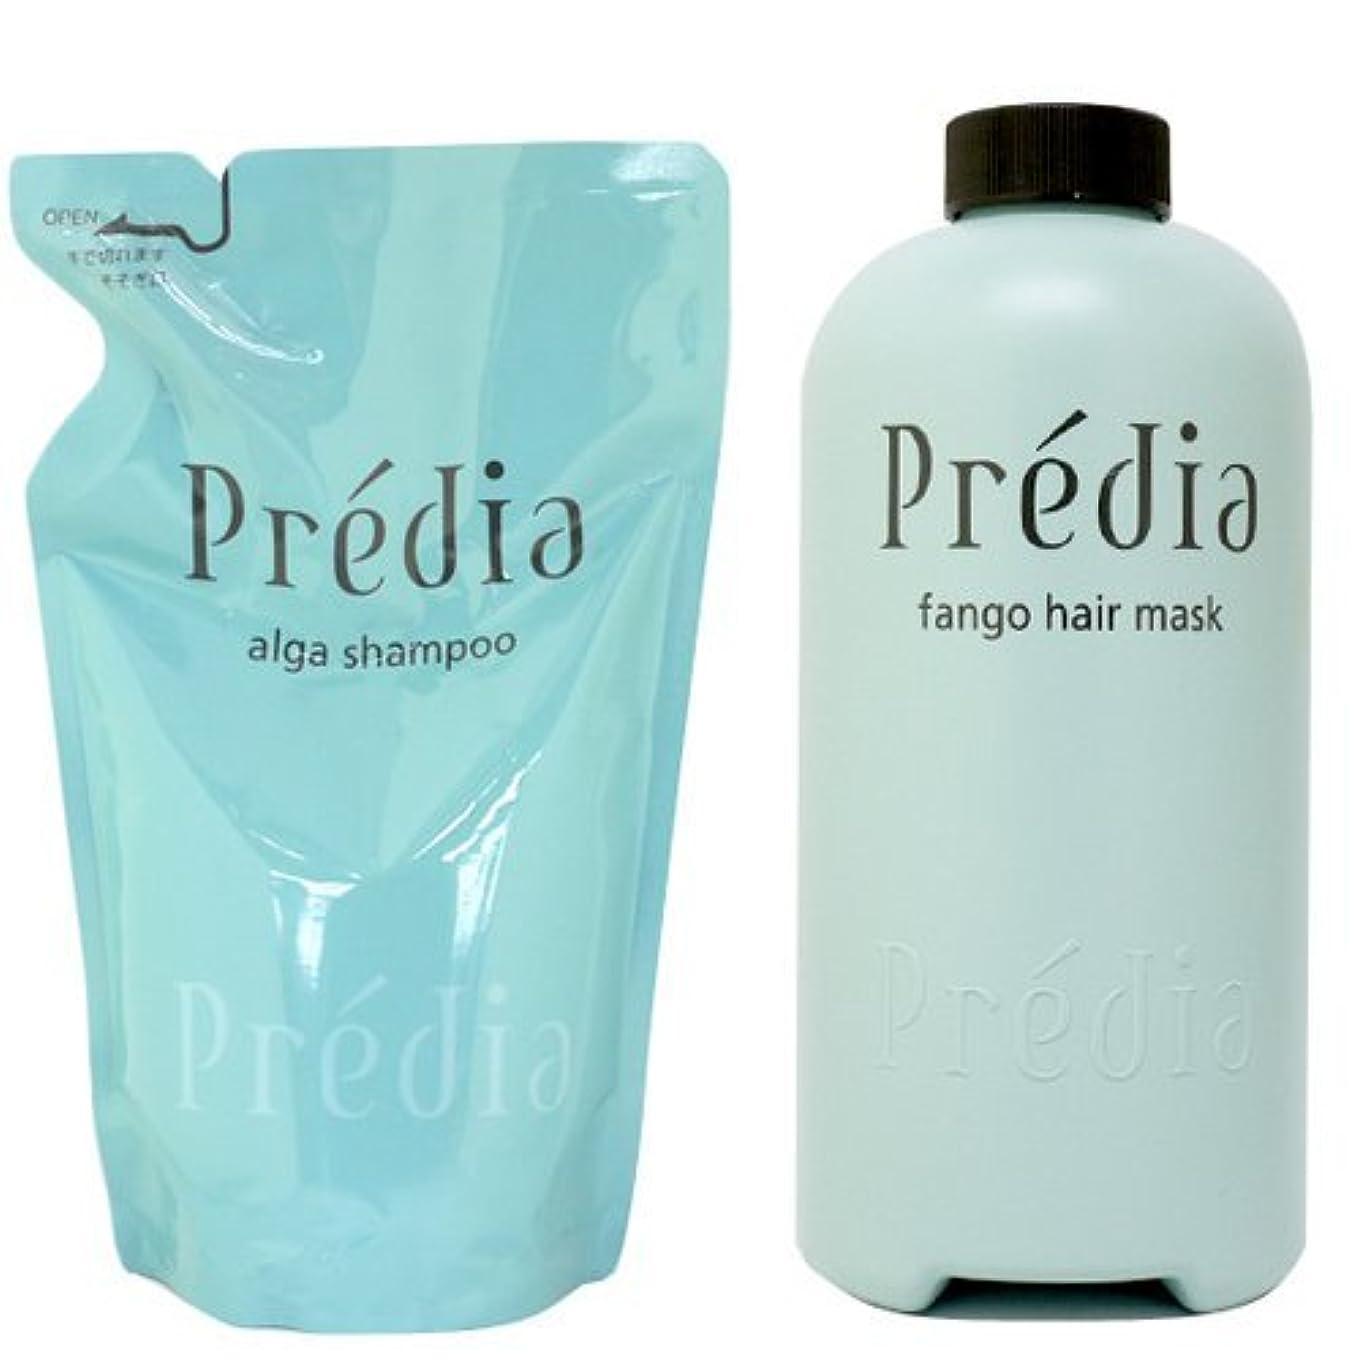 持続的甘いほぼコーセー プレディア Predia アルゲシャンプー&ファンゴヘアマスク 詰替用セット